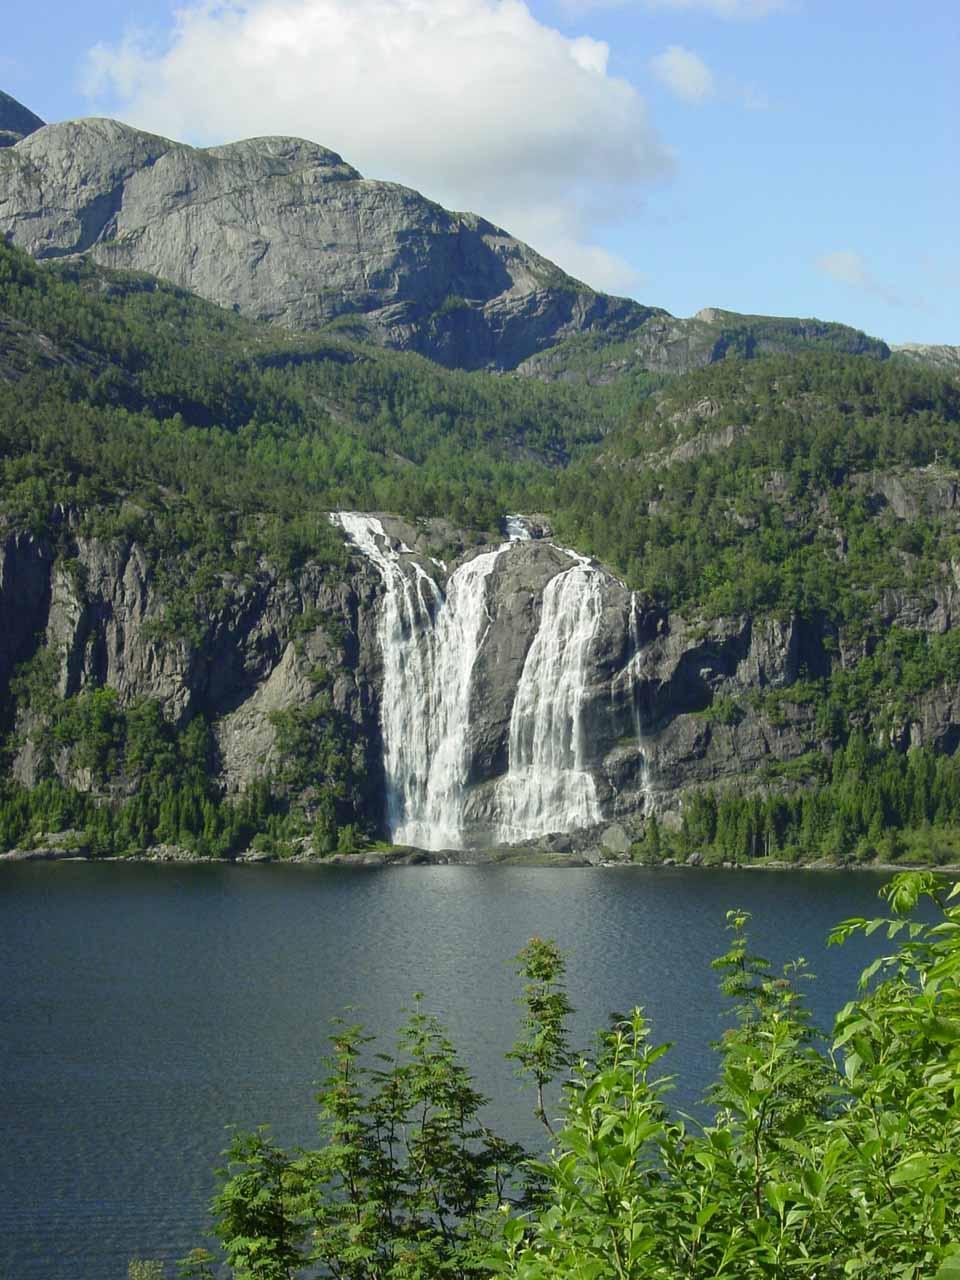 Direct view of Laukelandsfossen seen across Dalsfjorden